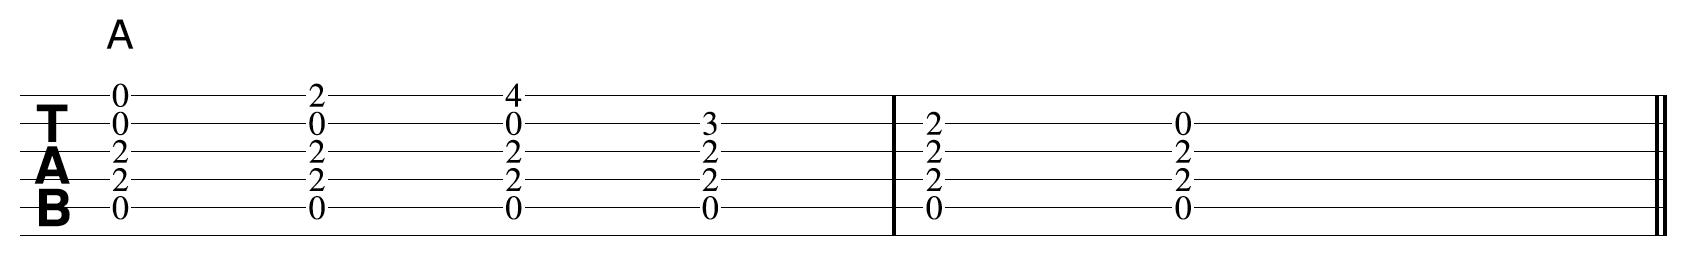 Guitar Chord Shape 1 Diatonic